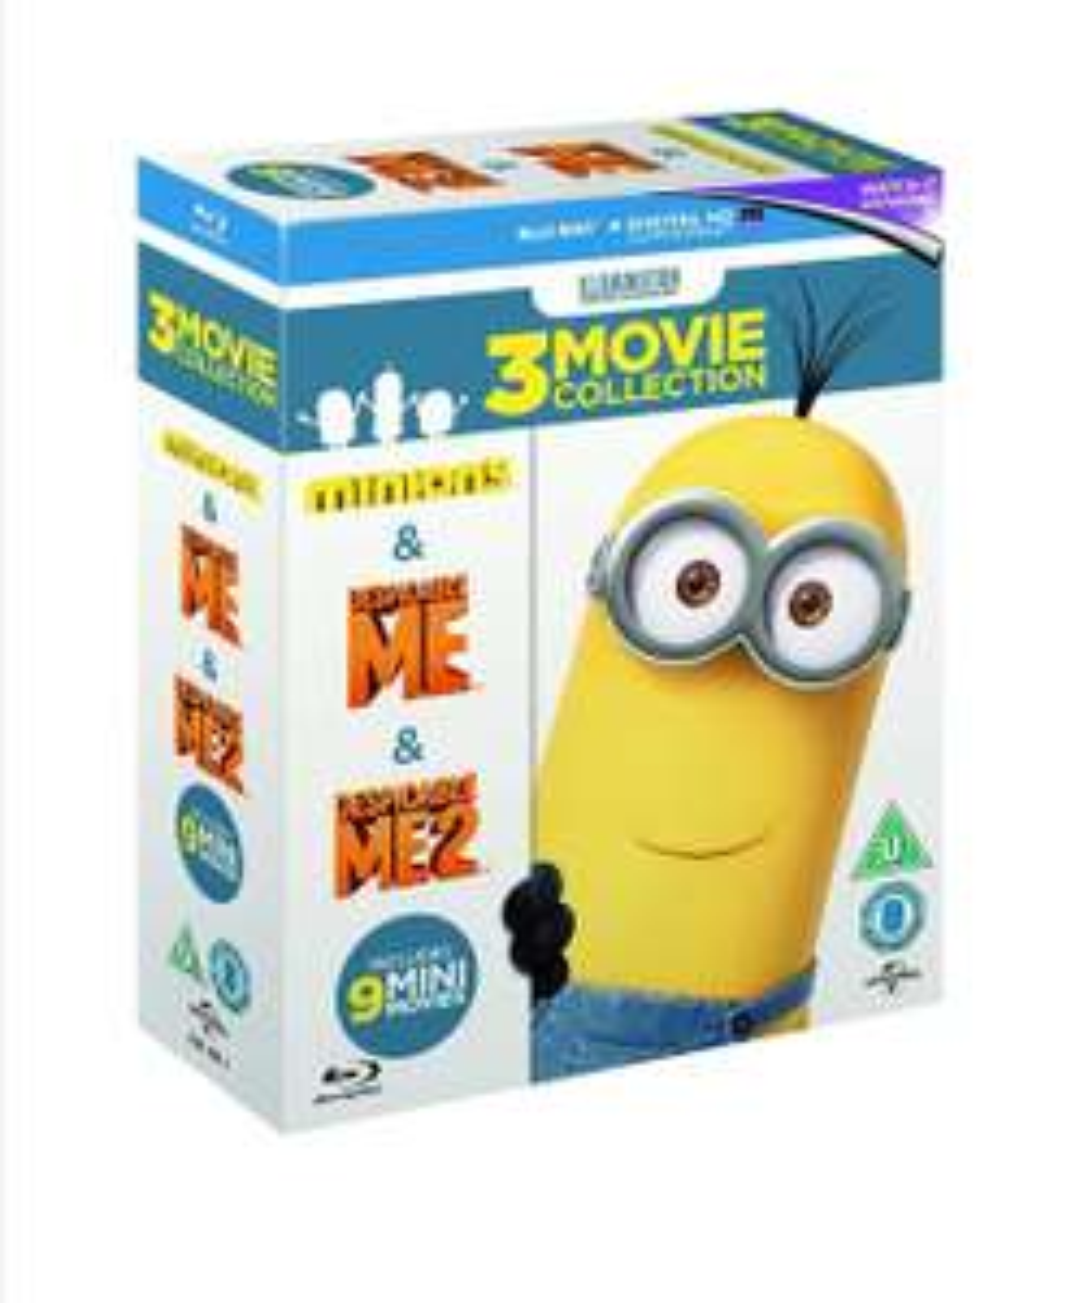 Despicable Me 1 & 2 + Minions Movie & 9 Mini Movie Collection Blu ray (Region Free) £5.64 @ Amazon Prime / £10.13 Non Prime